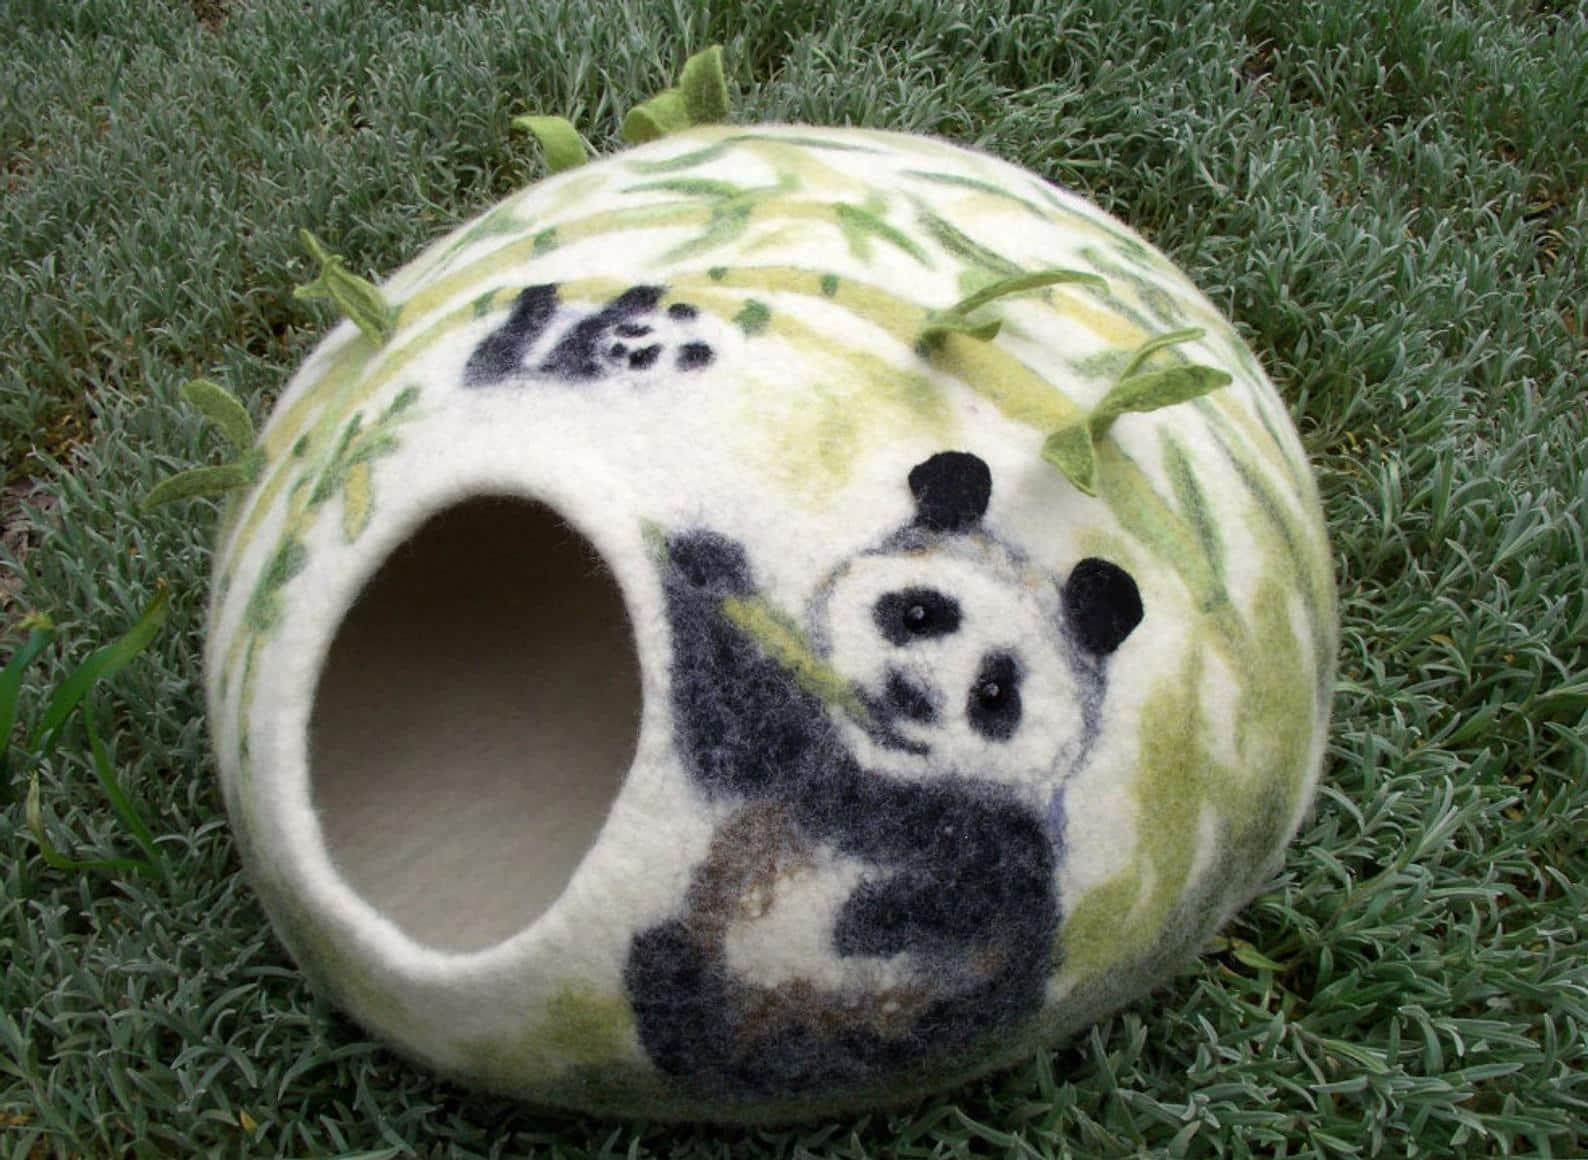 grotte chat original nature panda